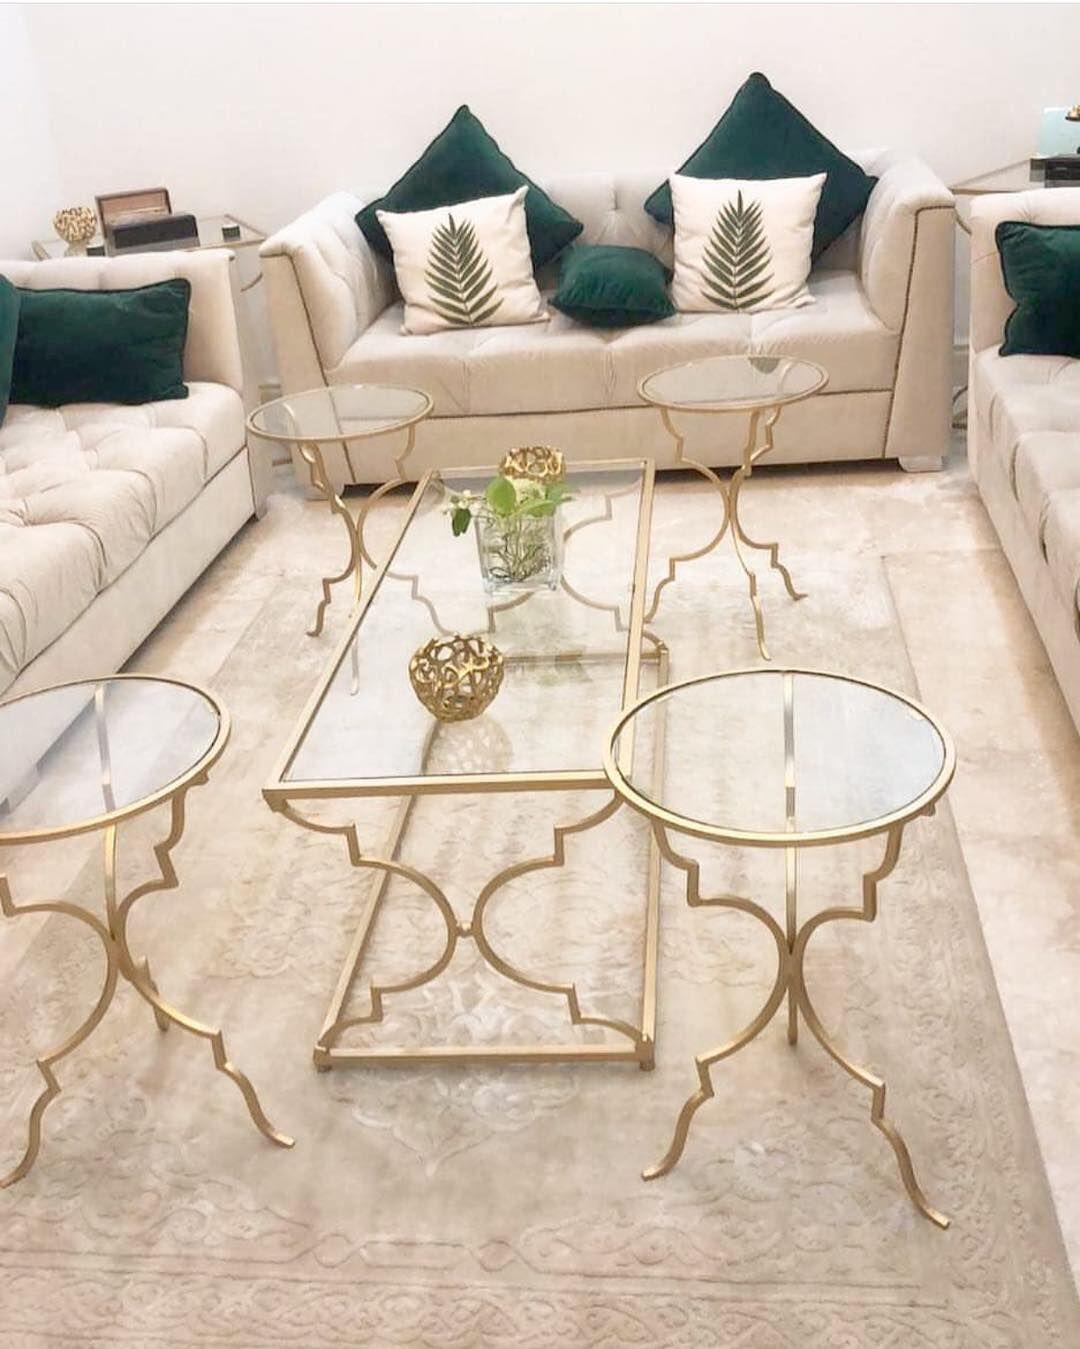 رأيكم اثاث تأثيث ديكور بيتي الكويت دبي ابوظبي الامارات قطر البحرين السعوديه الرياض جدة Luxury Furniture Design Luxury Furniture Furniture Design